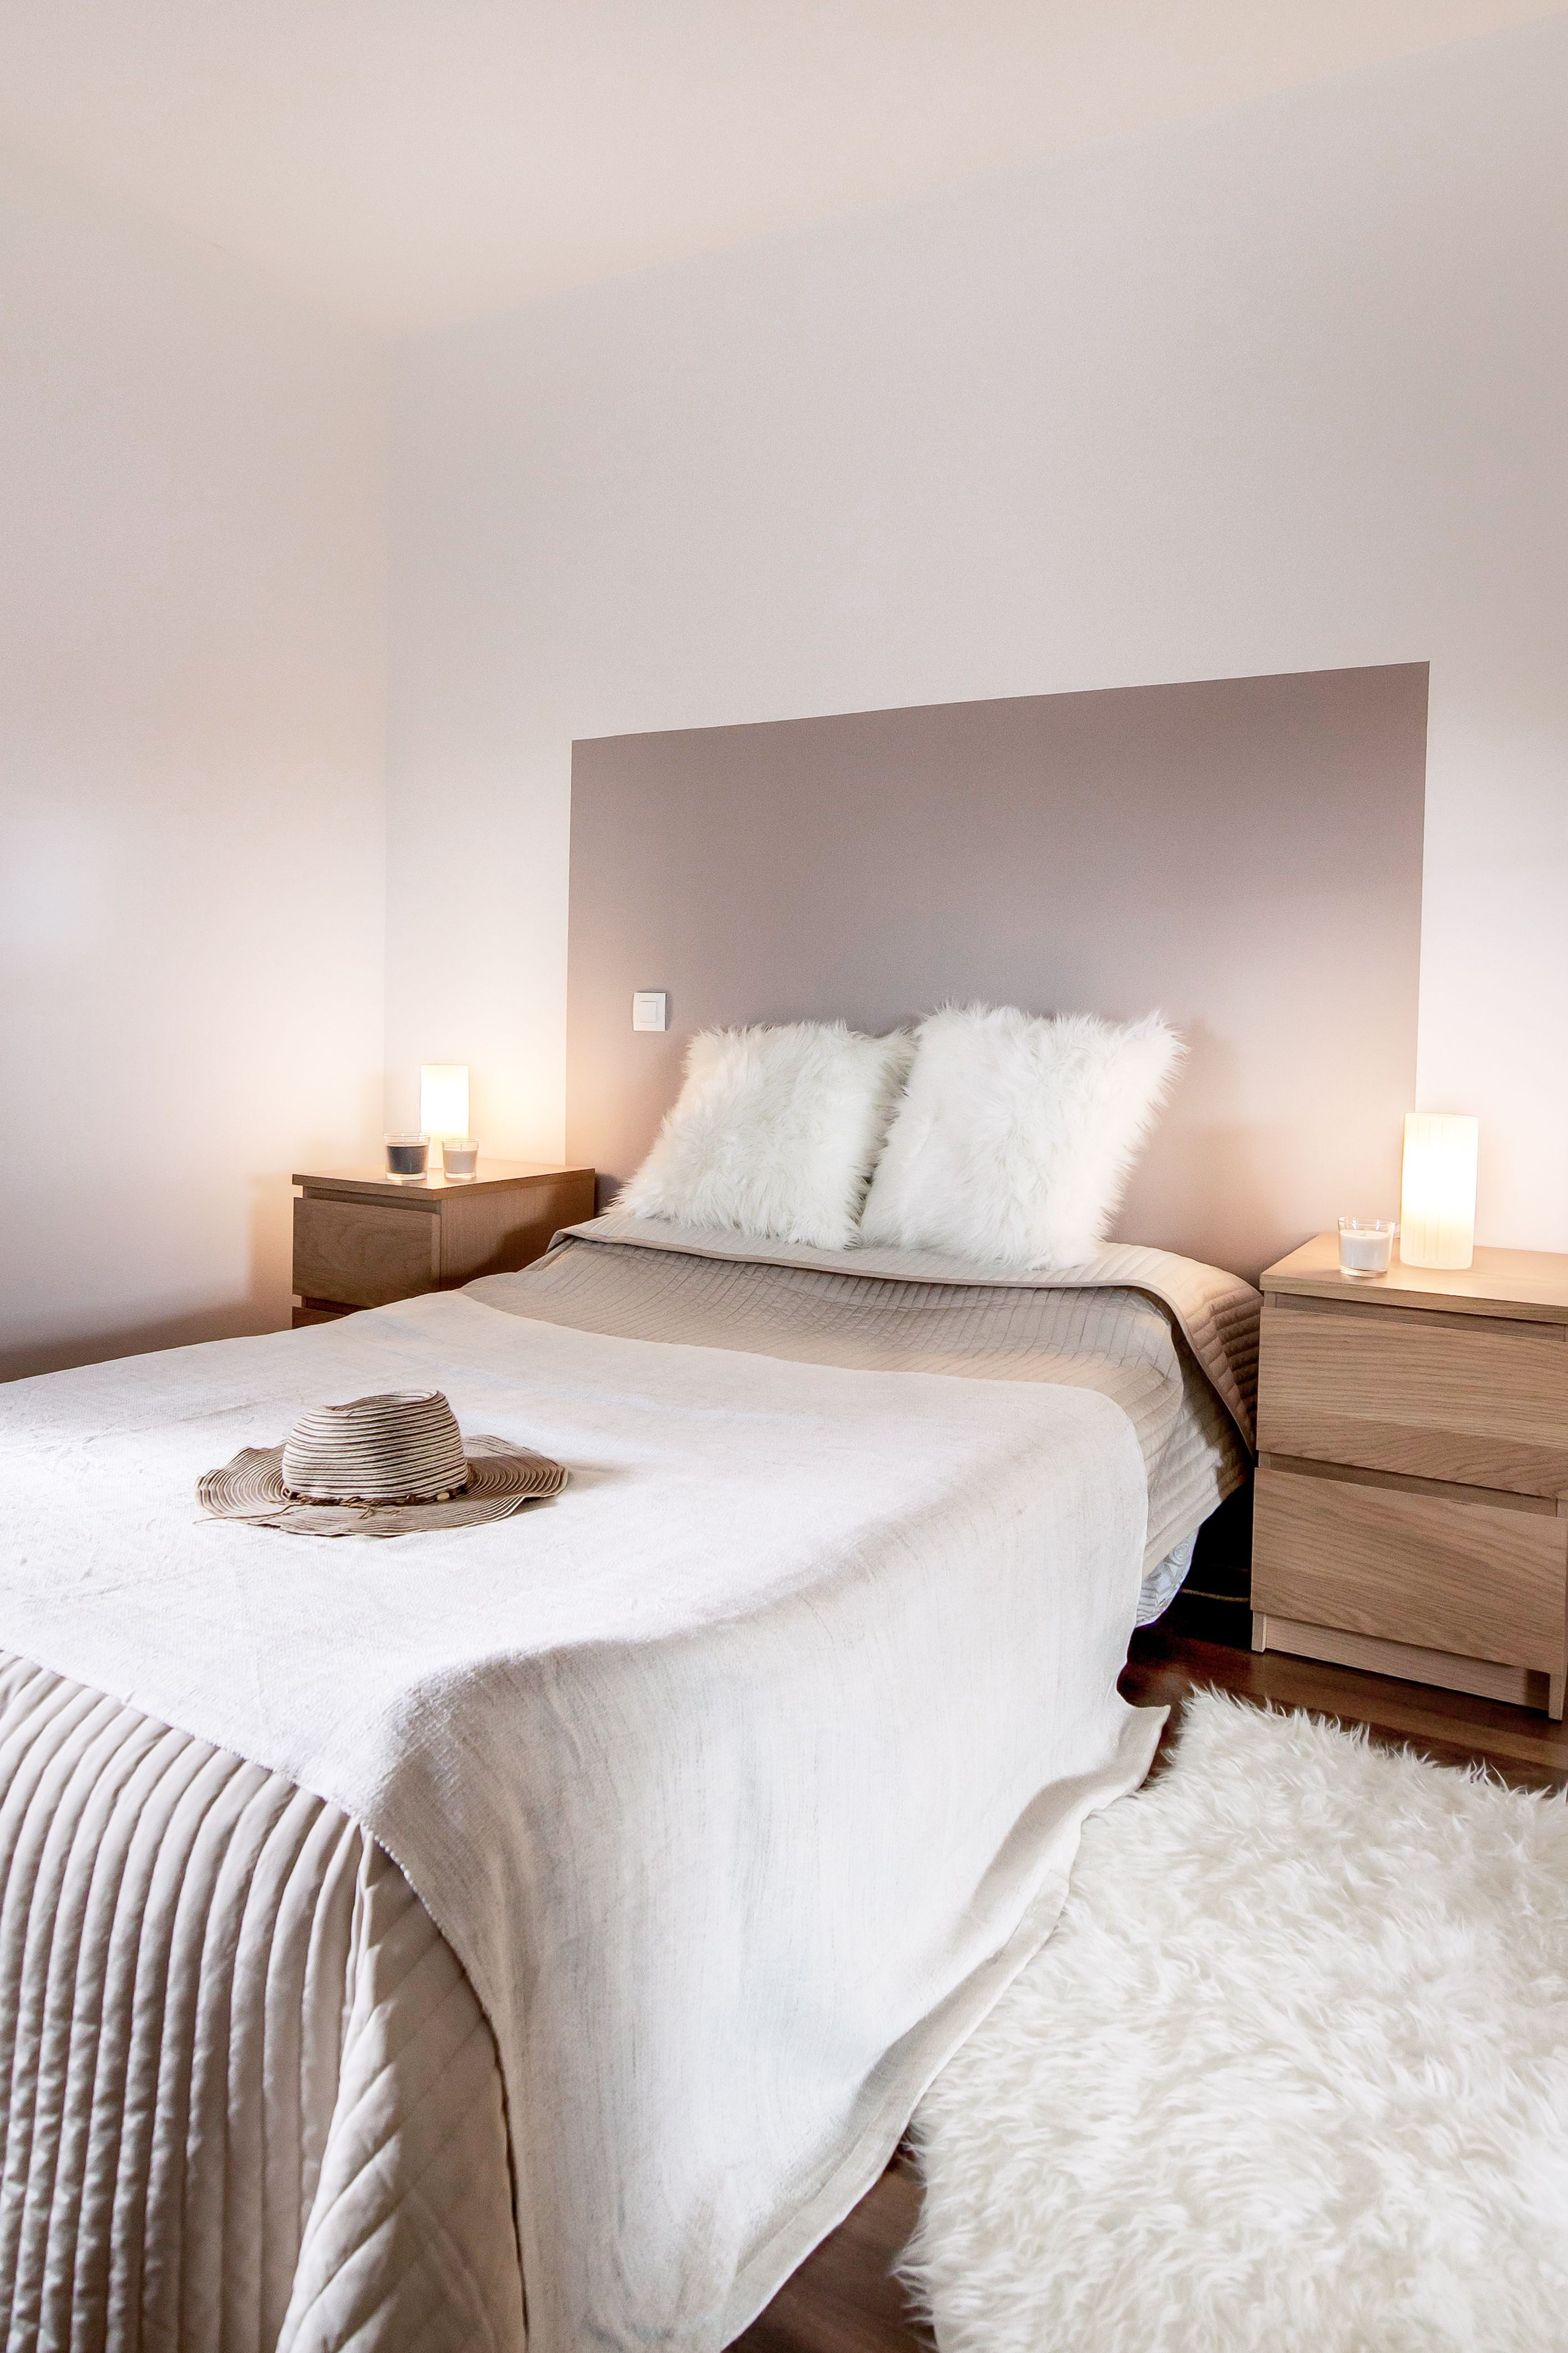 Tete De Lit Blanche Nouveau Diy Tete De Lit Chambre Decoration Taupe Et Blanc Beige Bois Diy